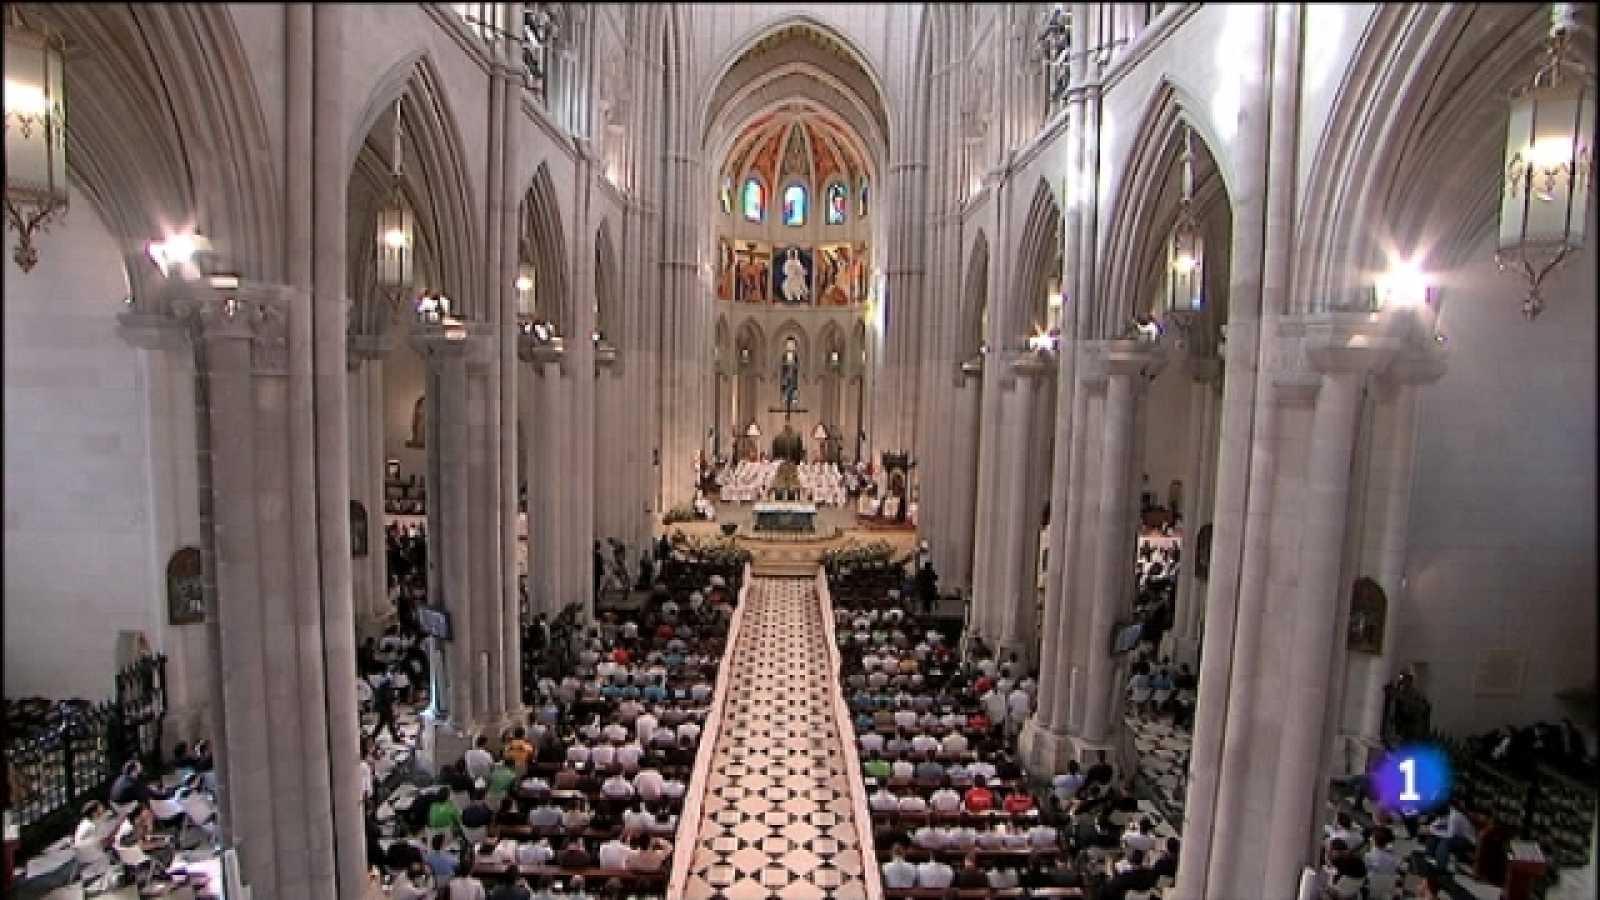 El día del señor - Especial visita S.S. el Papa Benedicto XVI - Misa desde la catedral de la Almudena - 20/08/11 - Ver ahora